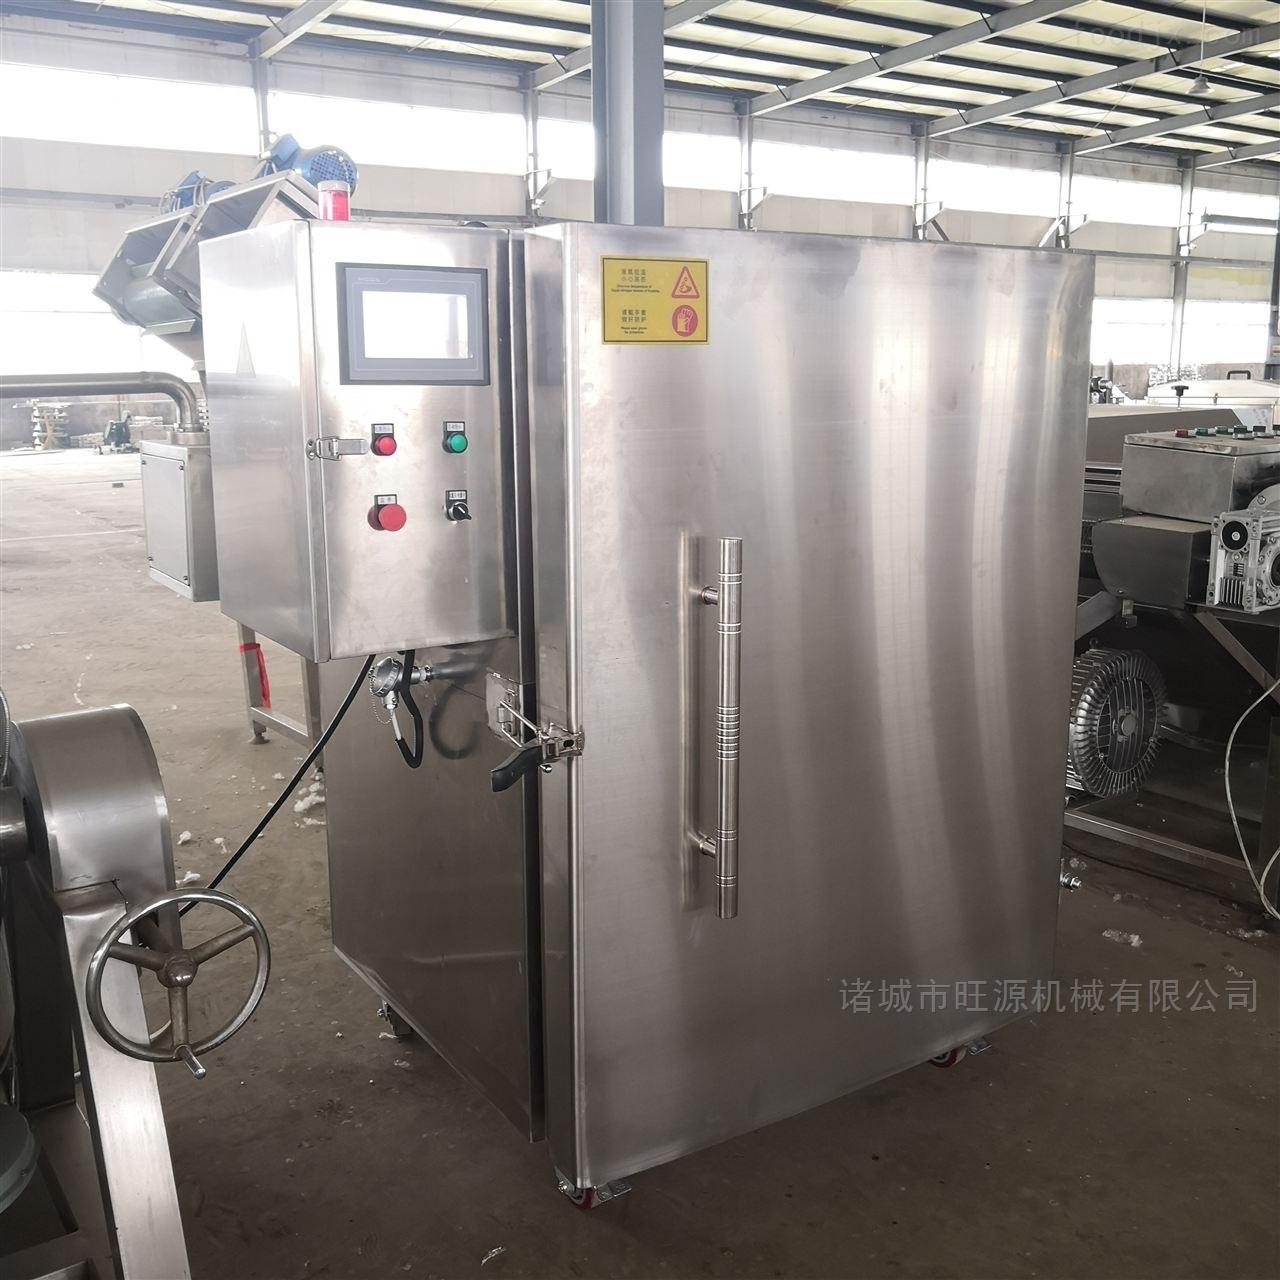 全自动液氮速冻柜/海参网带速冻机